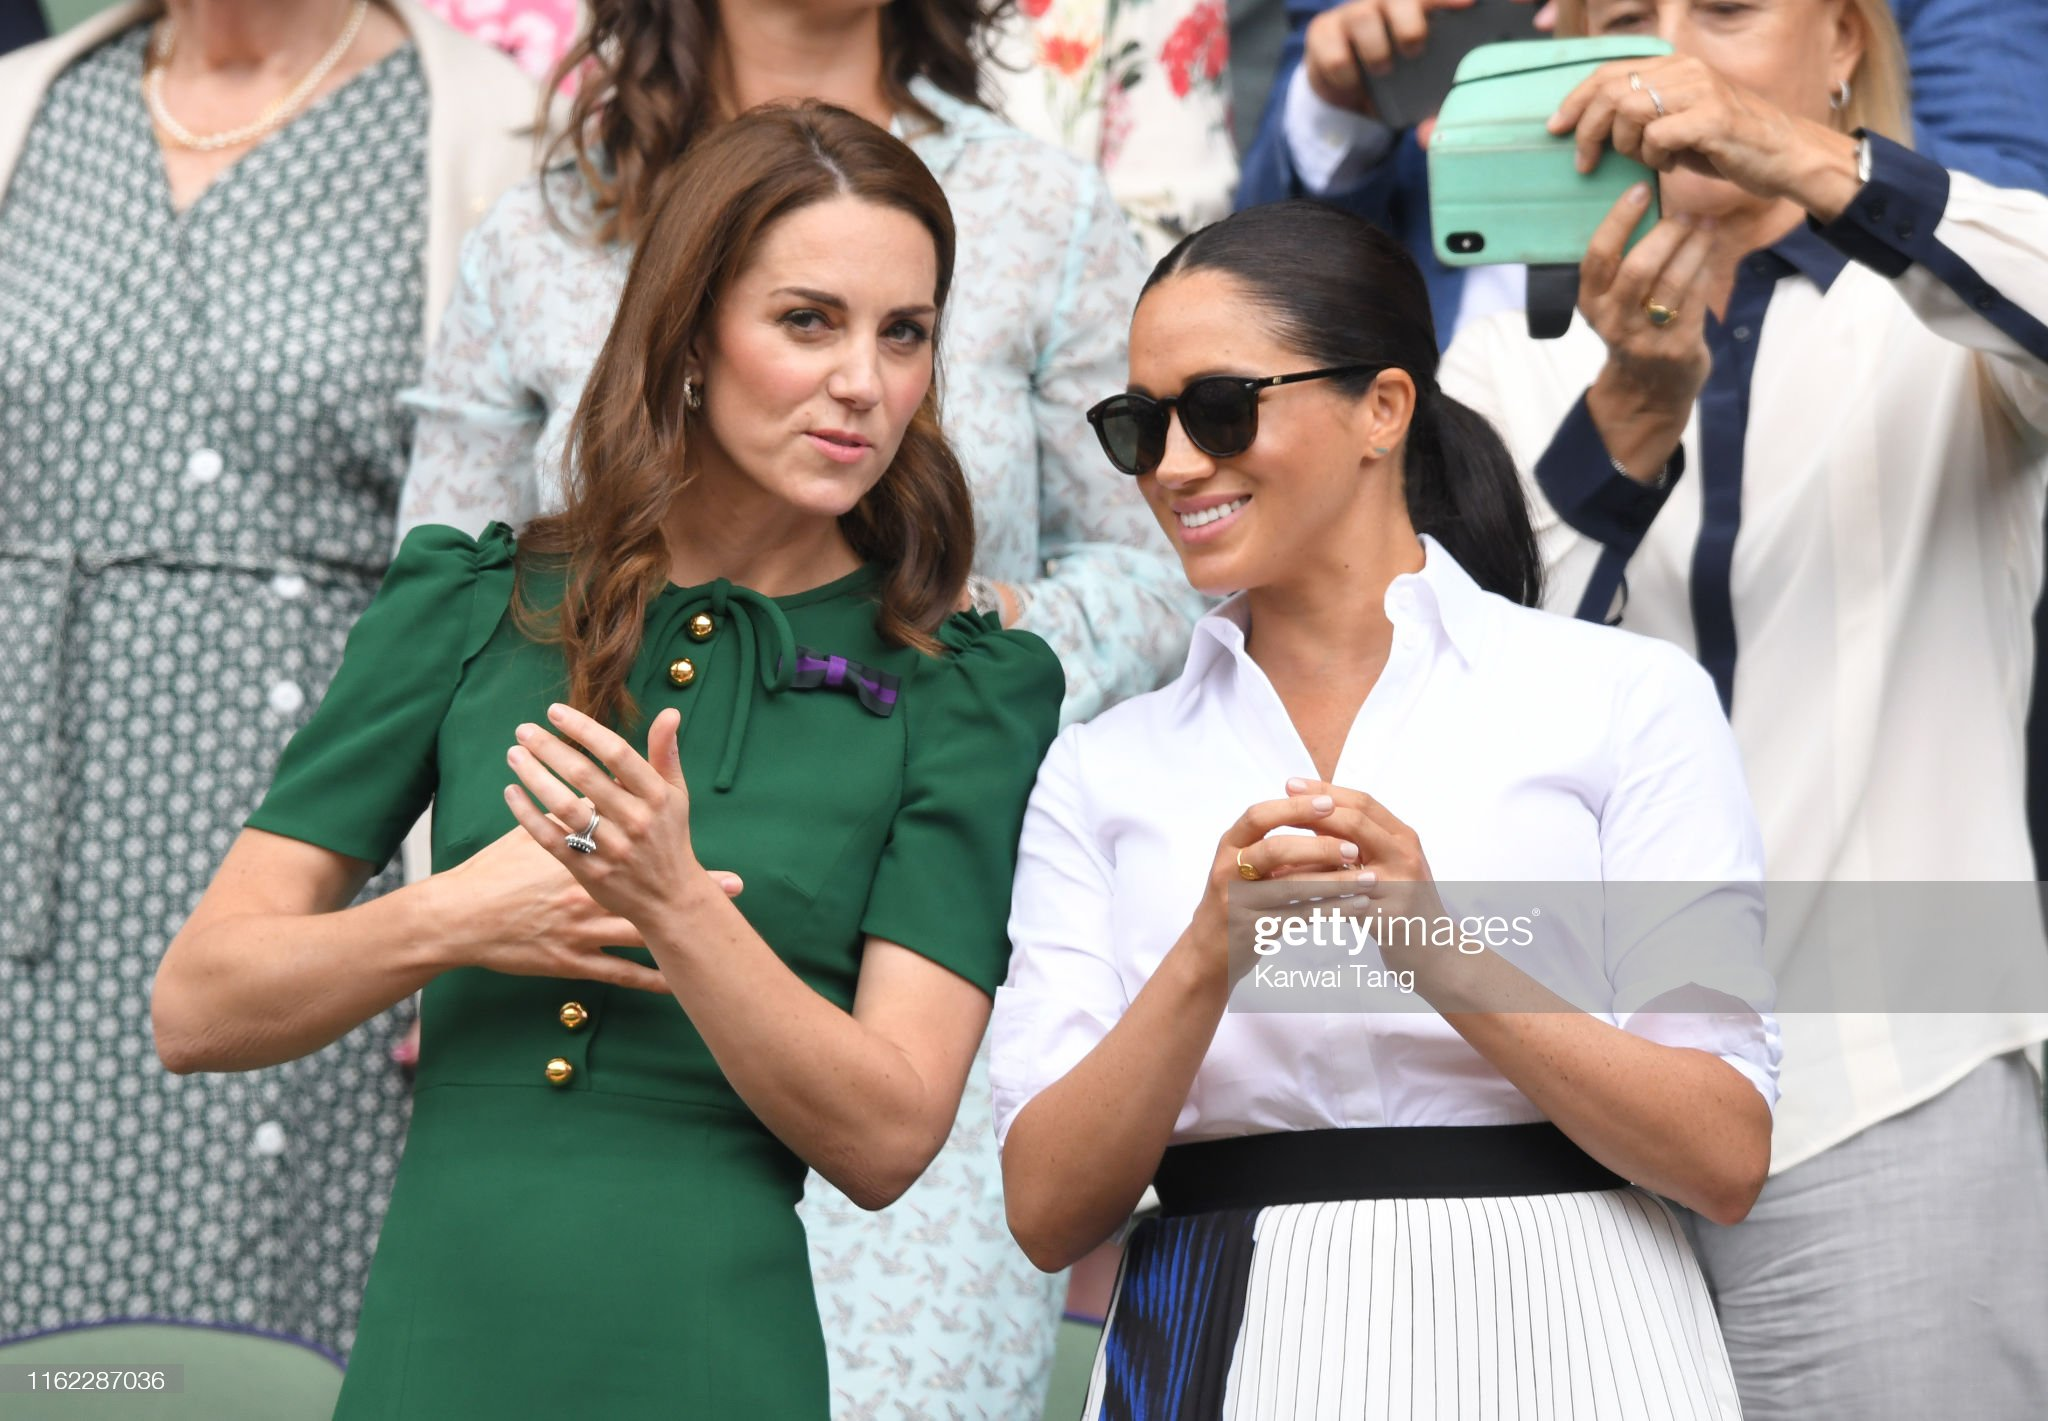 Celebrities Attend Wimbledon 2019 : News Photo